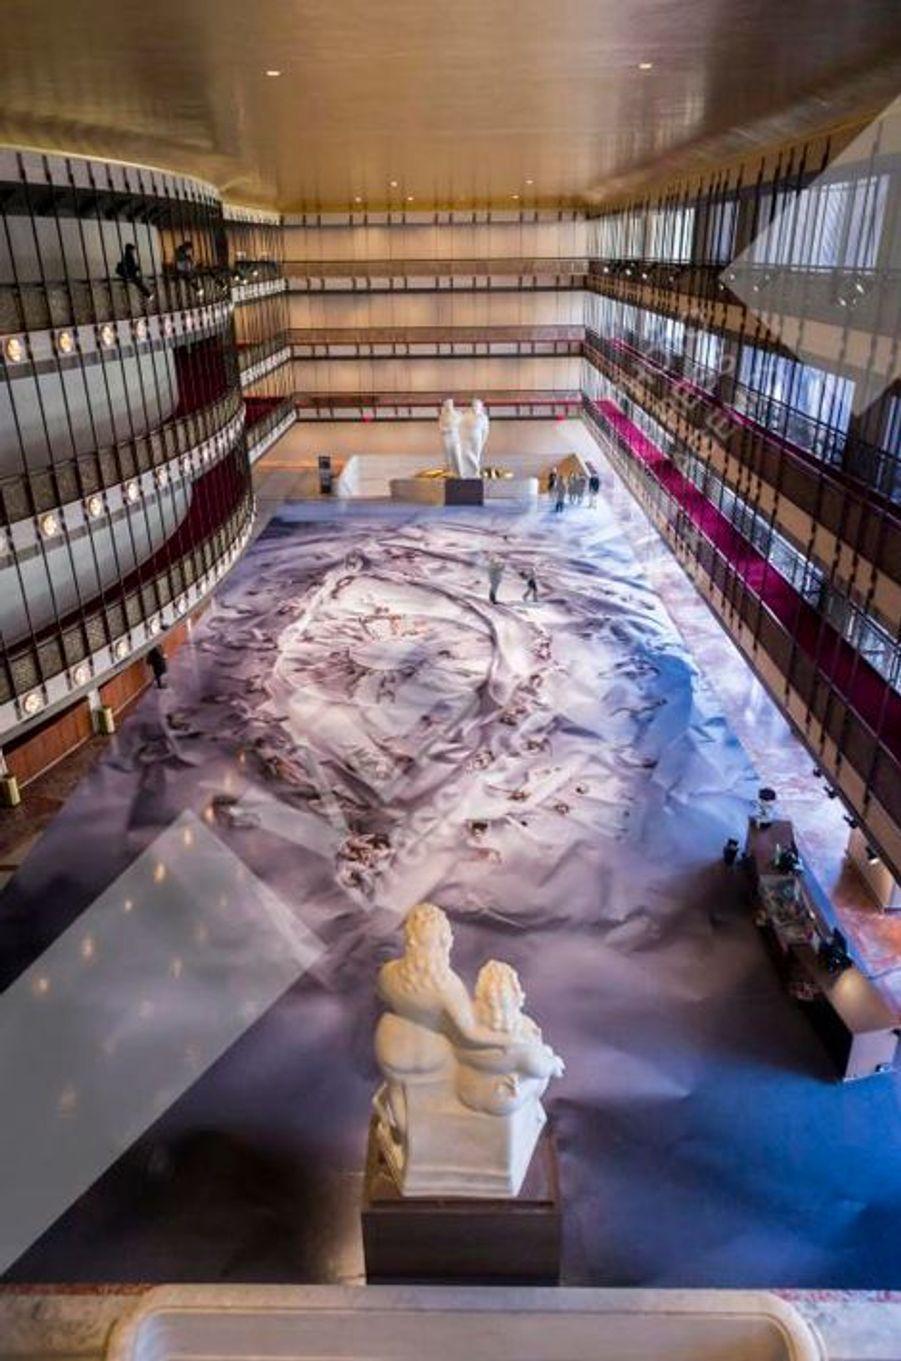 A seulement trente ans, le franco-tunisien JR a créé une forme d'art nouvelle dont la démesure est pourtant toujours à l'échelle humaine. Il en livre un nouvel exemple en collaboration avec le New York City Ballet. JR a investi le David H. Koch Theater dans le cadre de la seconde édition des Art Series new-yorkaises. Au coeur de son installation, un oeil immense, qui occupe tout la surface vaste hall du théâtre. Il est composé des 80 danseurs et ballerines du ballet, interprétant une chorégraphie immobile dans les plis d'une feuille de papier froissé. Inévitablement, les visiteurs sont tentés de se mêler aux danseurs, preuve que l'art de JR est, malgré son gigantisme, est le plus accueillant qui soit.